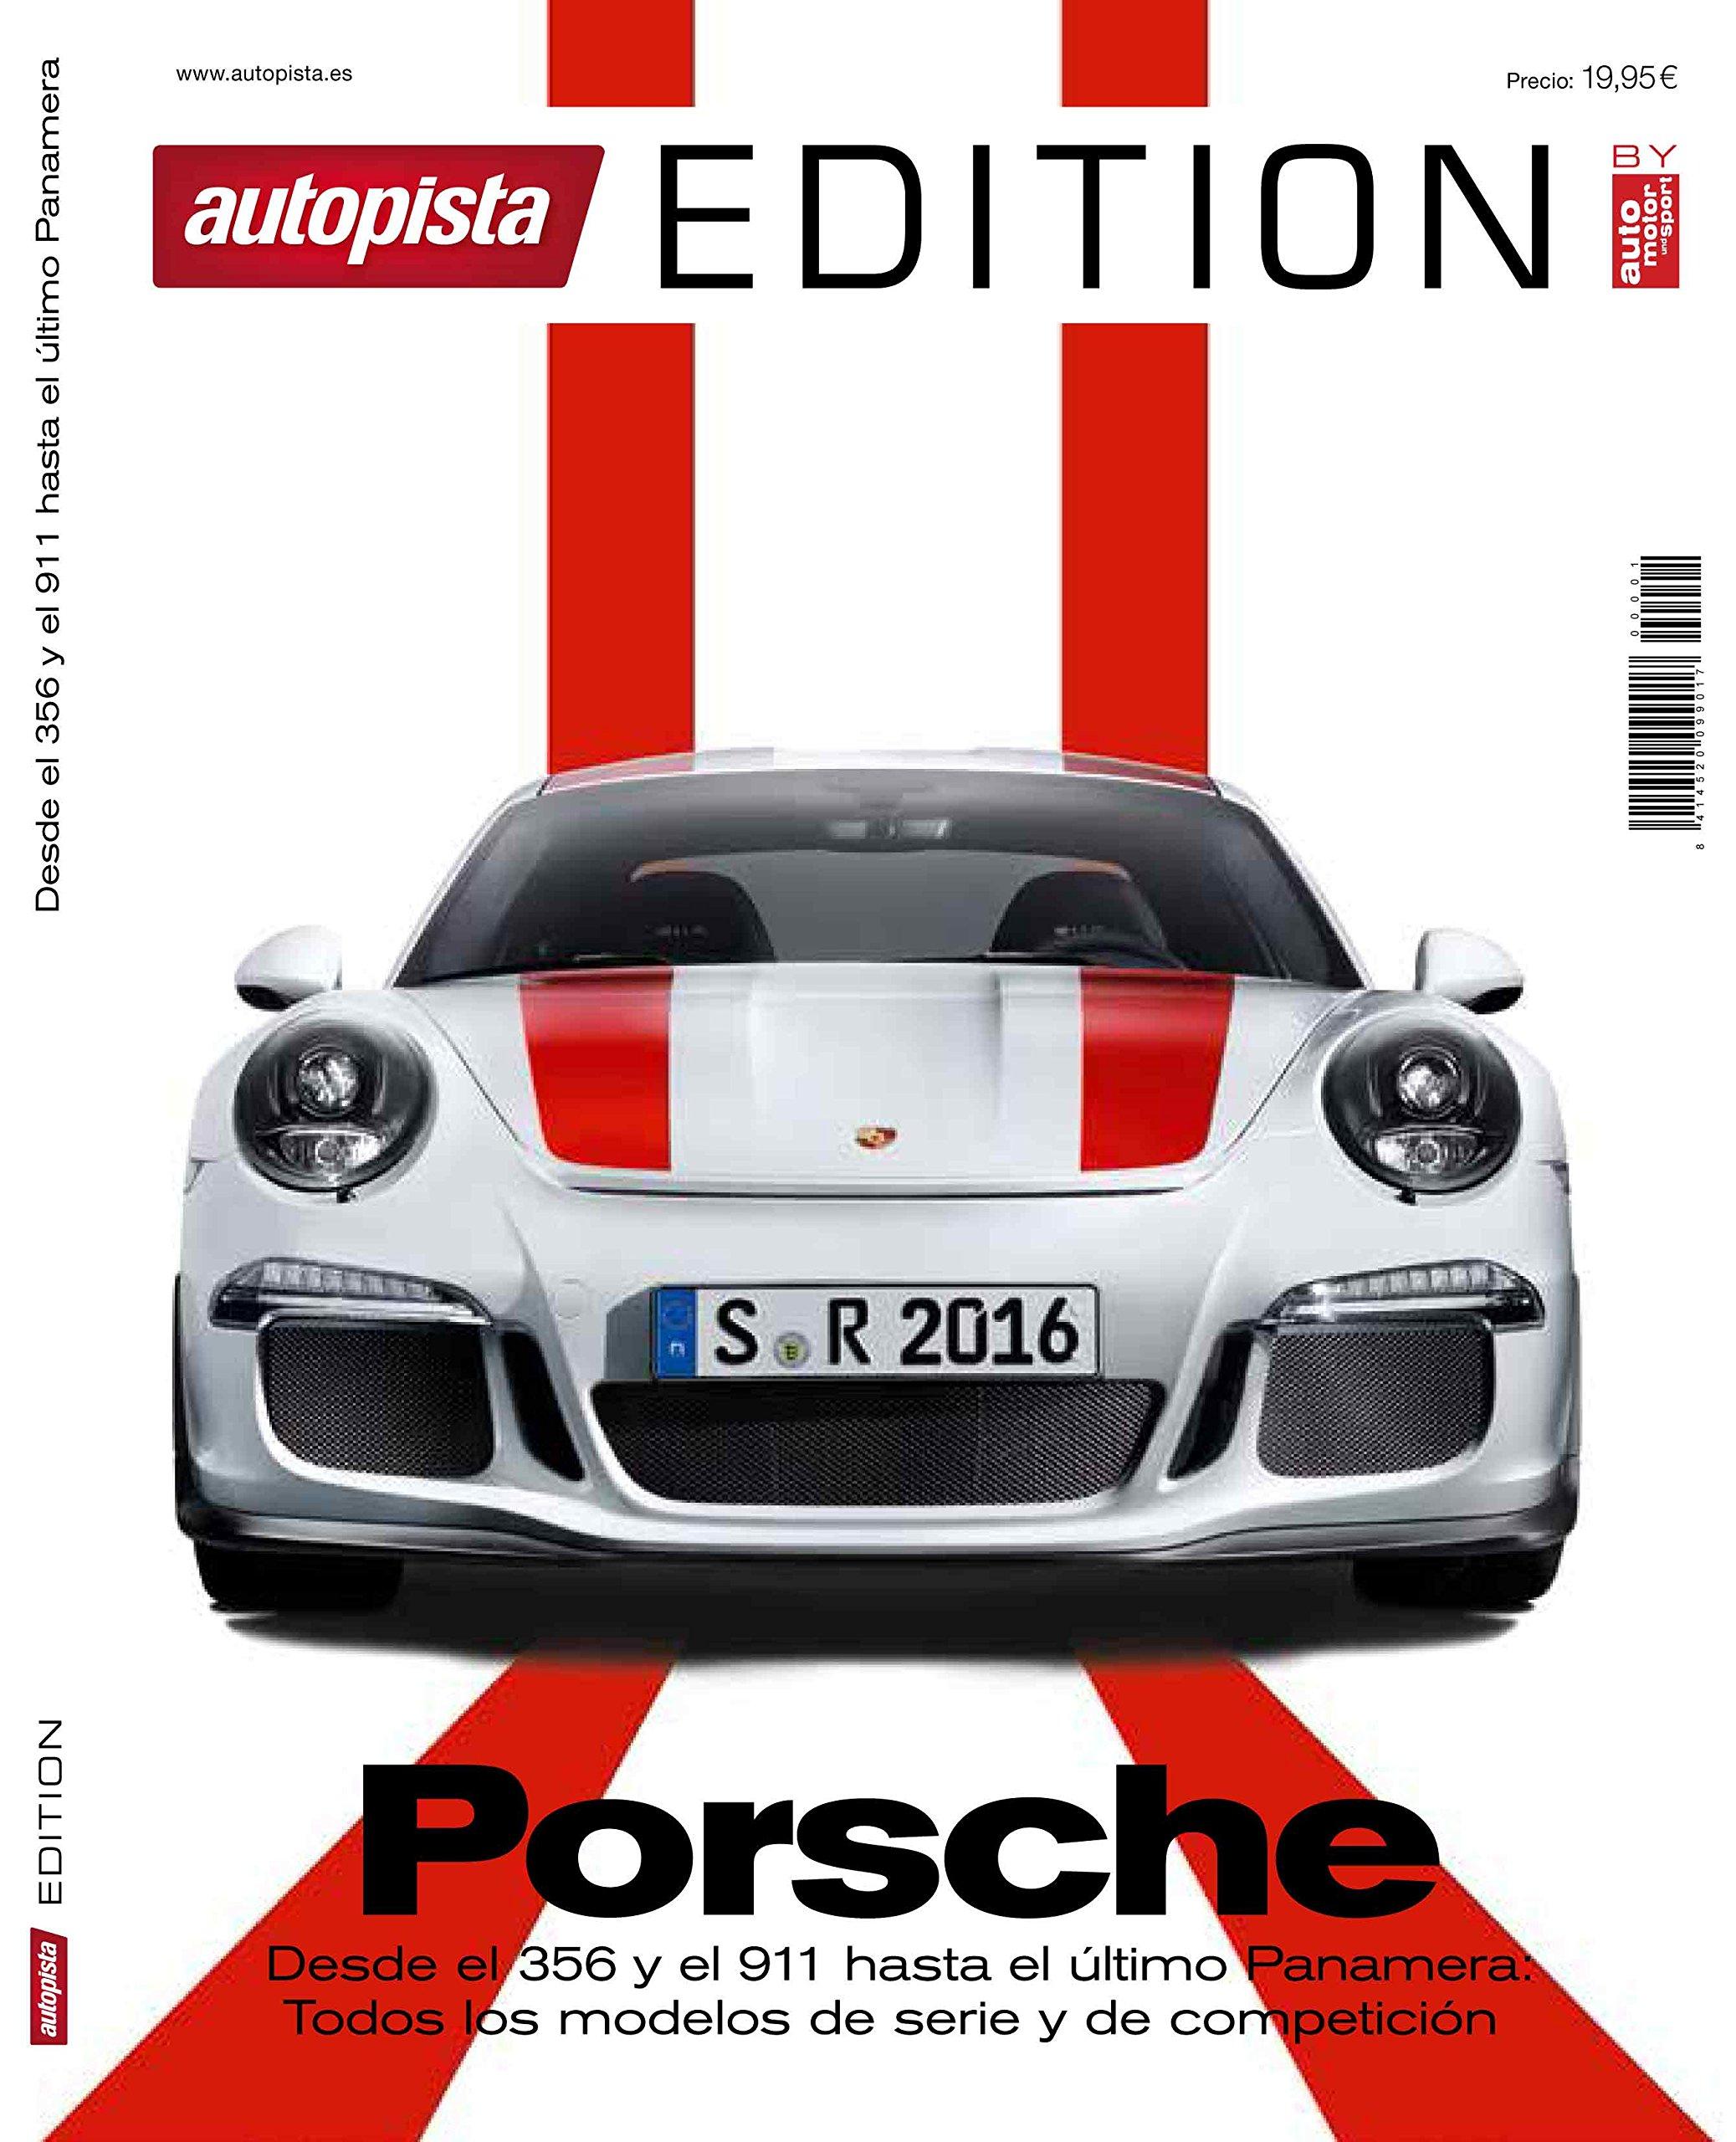 Autopista Edition | Porsche: Amazon.es: Autopista, Motorpress Ibérica: Libros